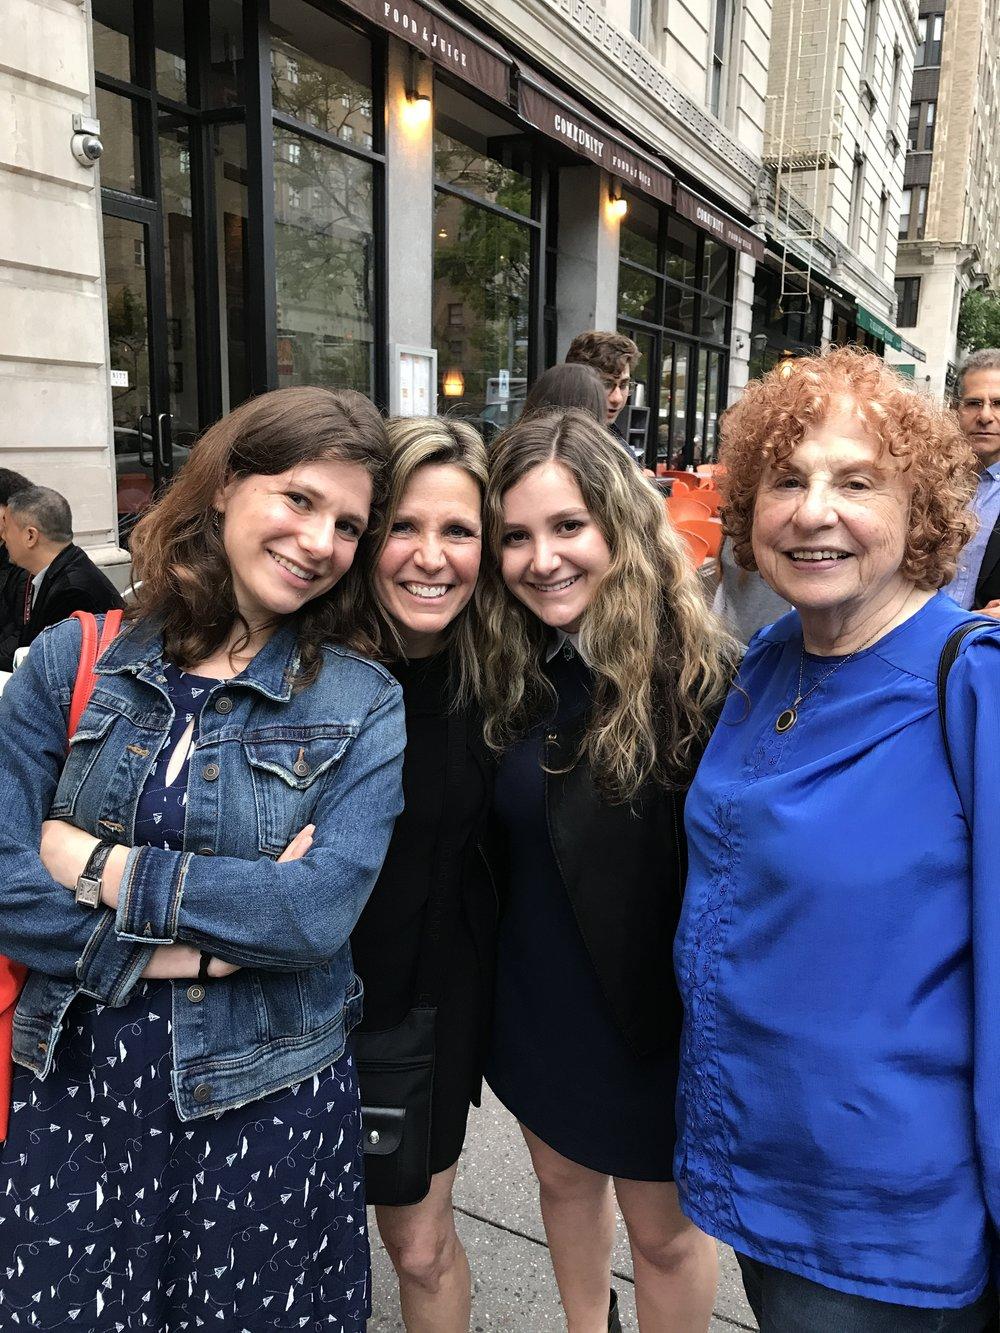 Left to right: Daniella's sister (Azza), mom (Jacqueline), Daniella, and  grandmother (Gabriella).